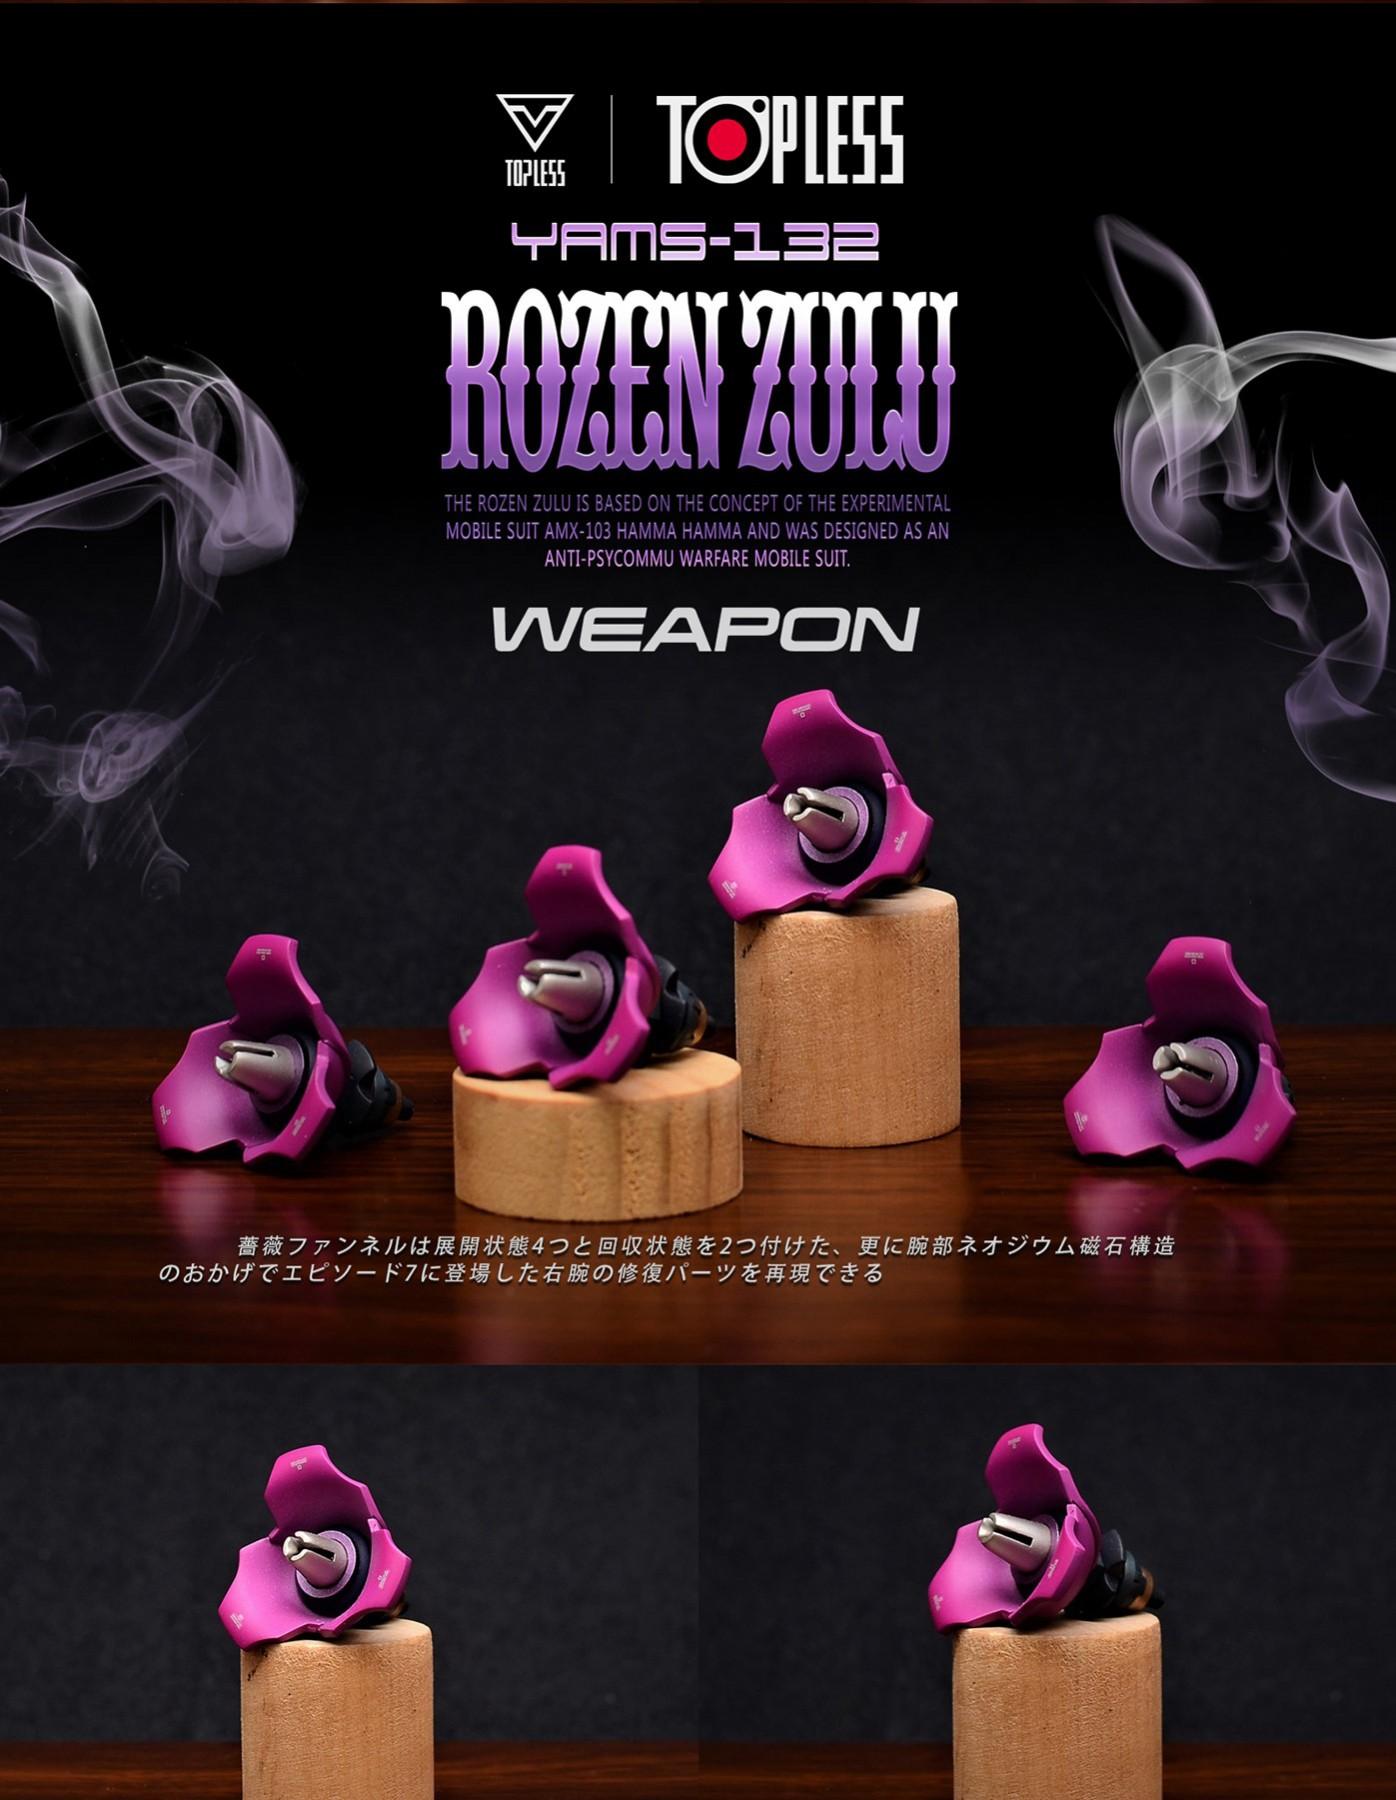 G348_topless_rozen_zulu_0367.jpg